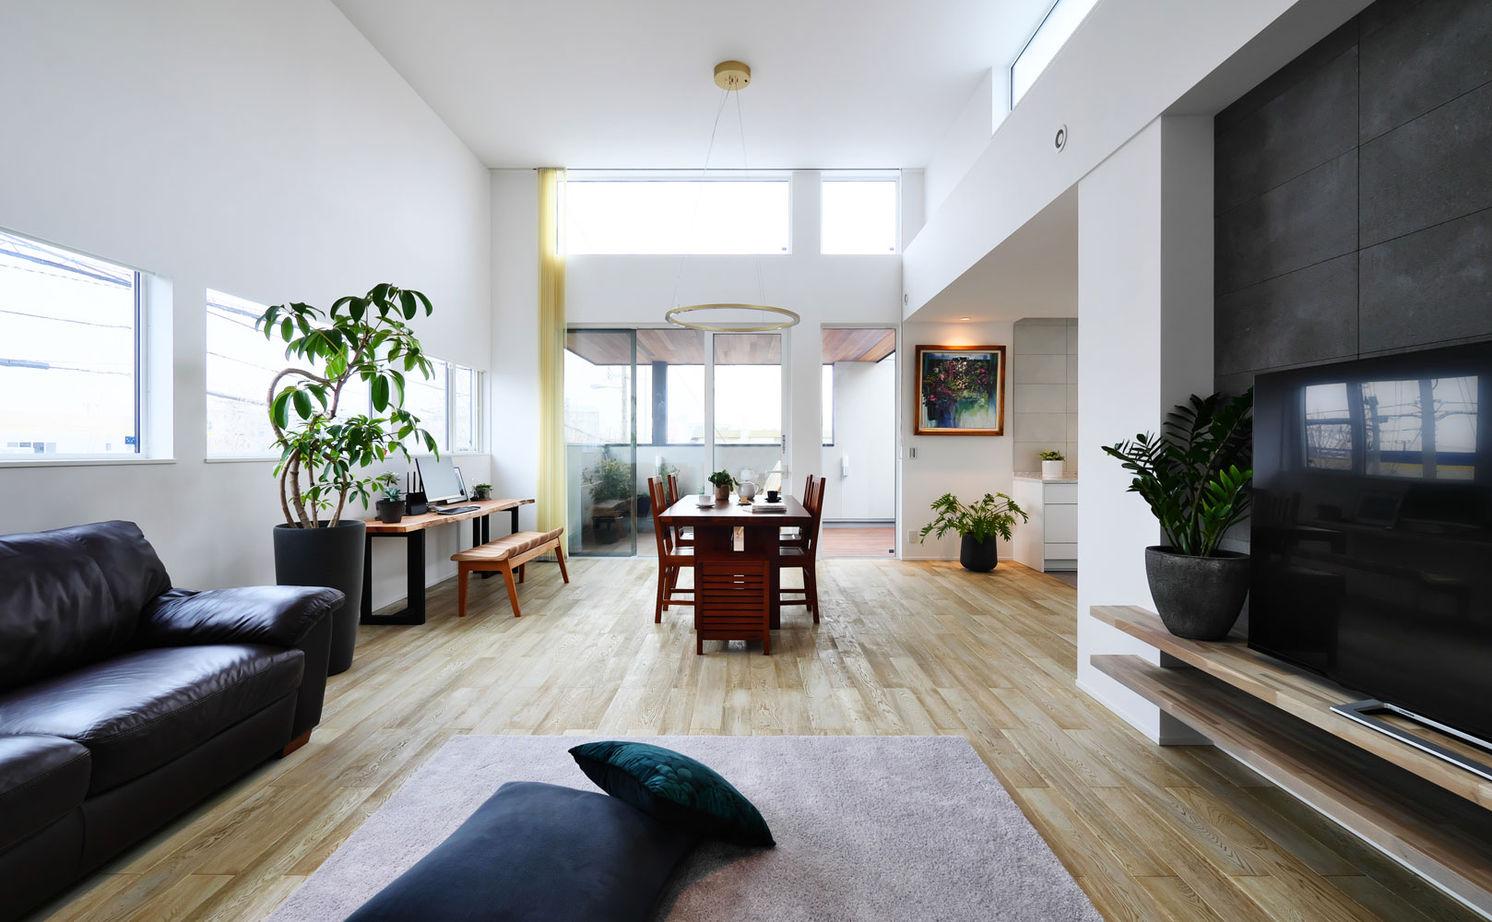 【2750万円/北向き】二階リビングで高天井を実現 緑と暮らすアウトドアリビングのある家画像2